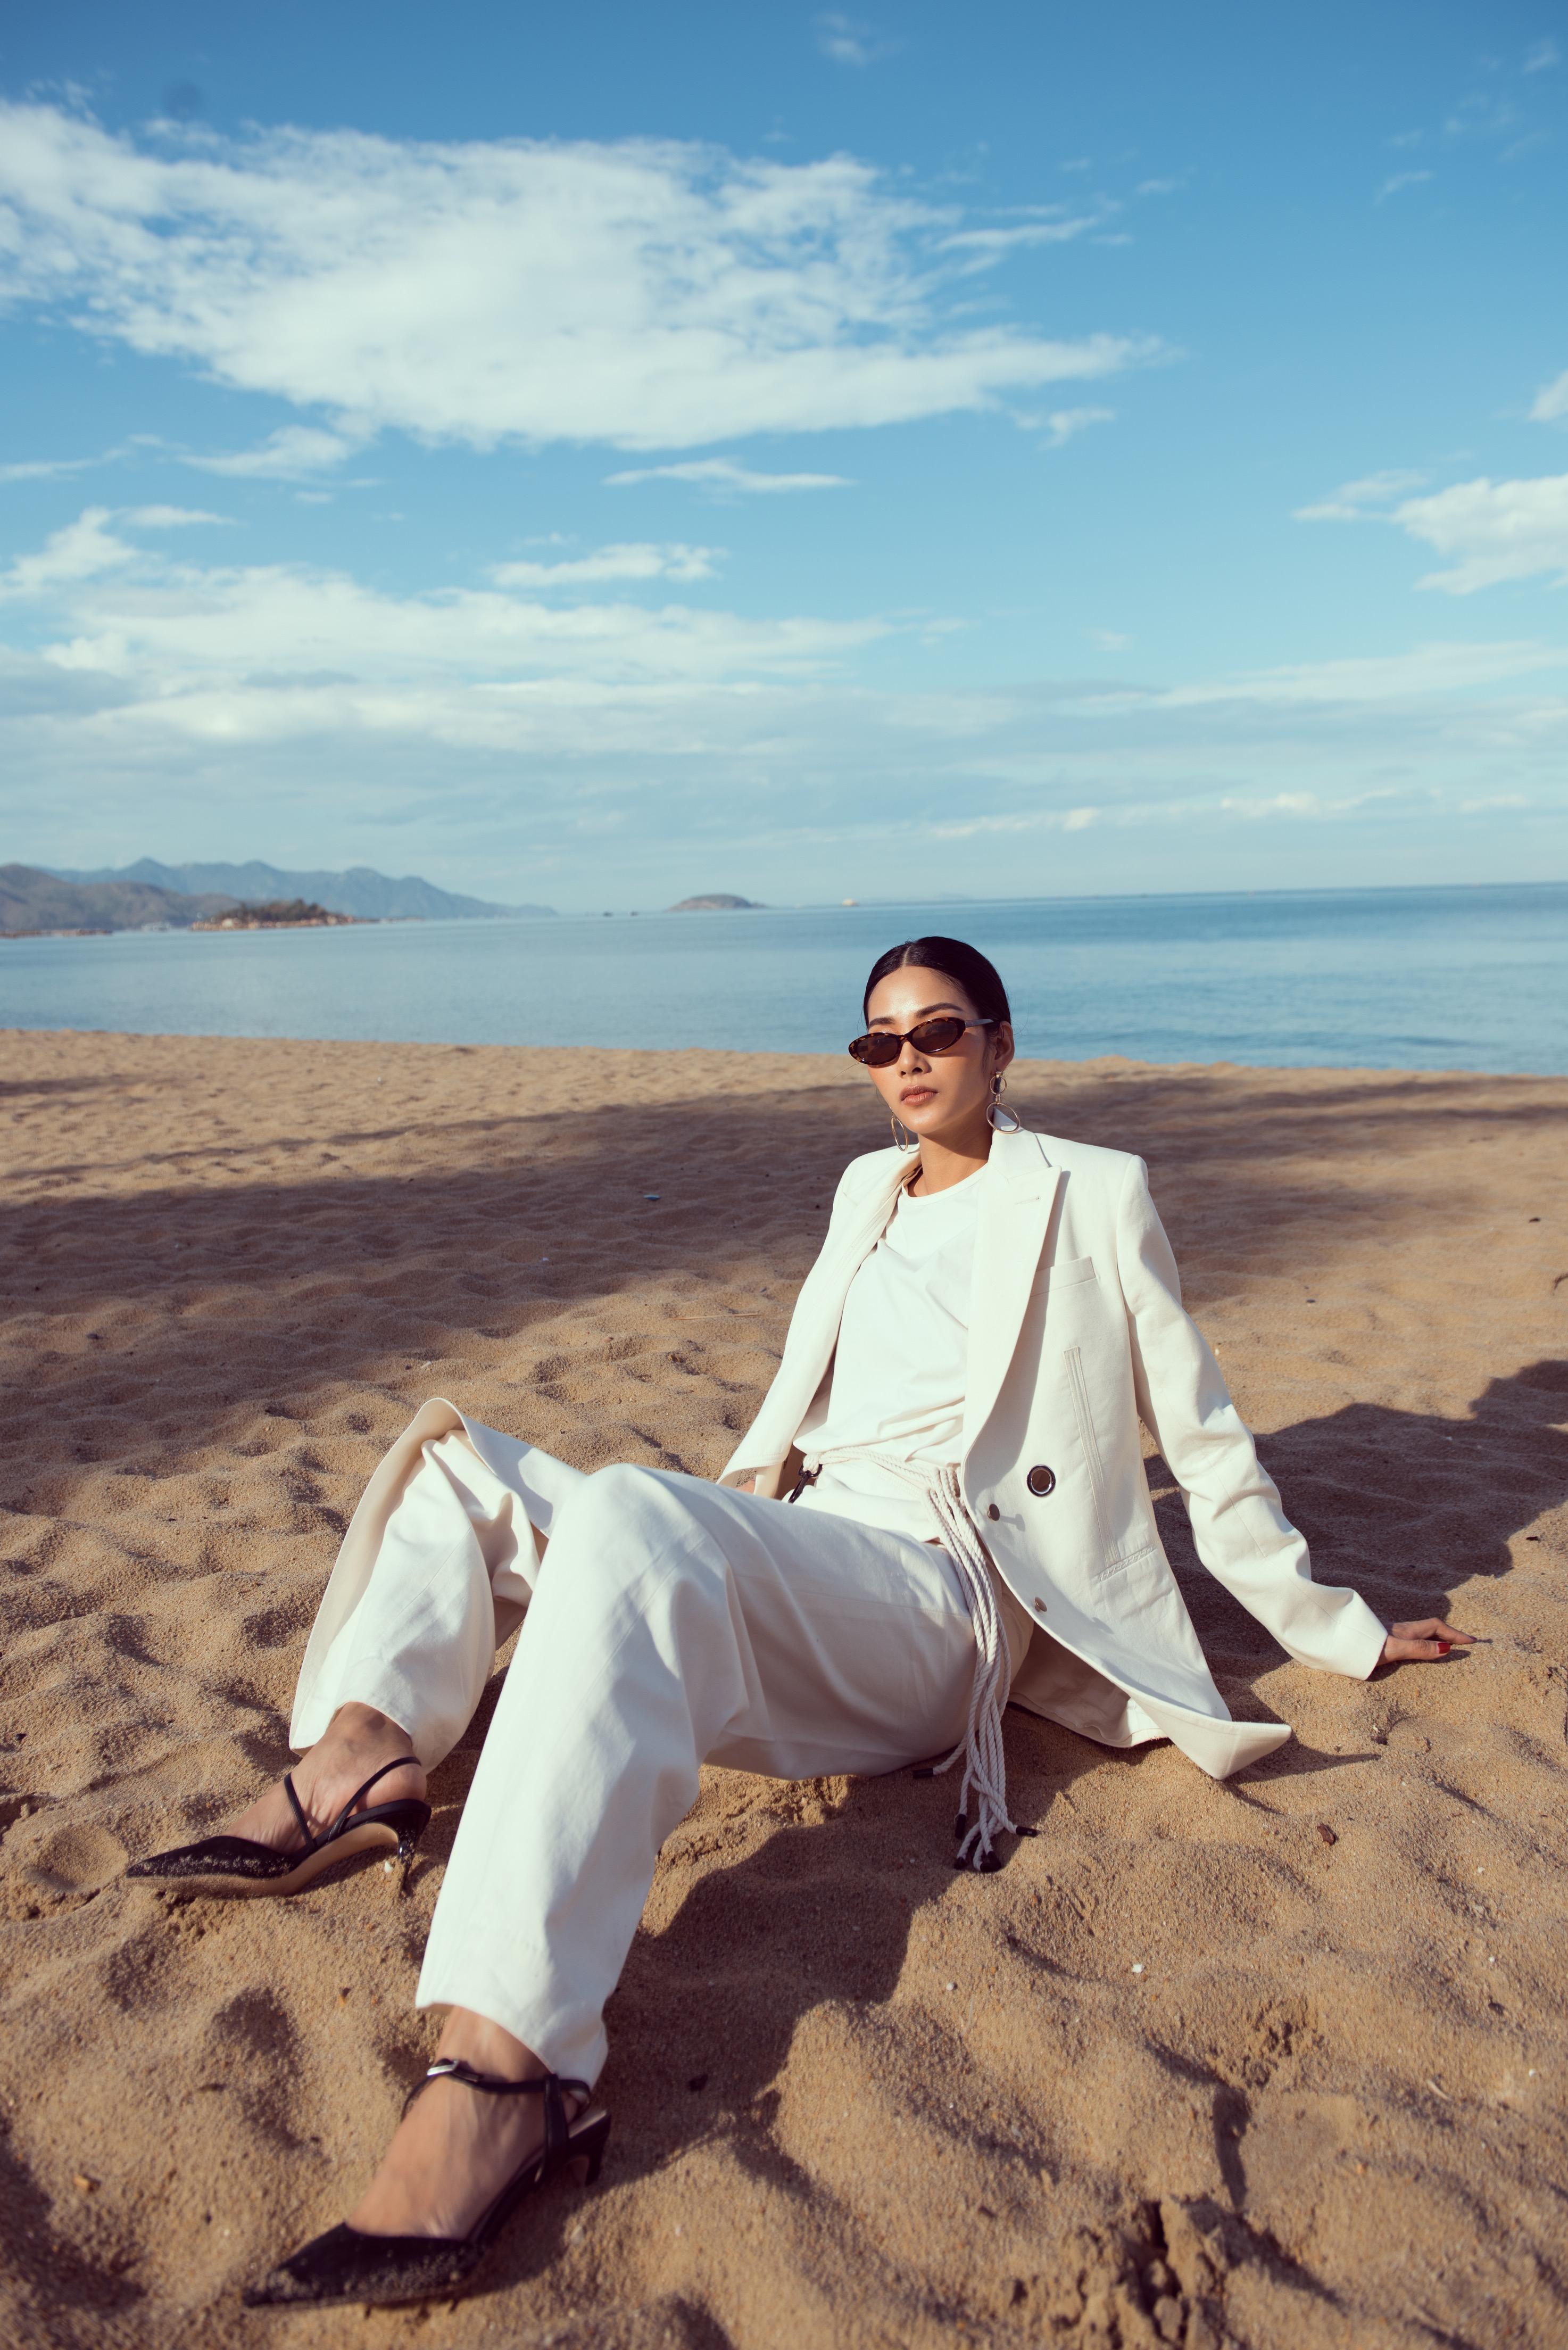 Không chỉ làm người mẫu, Á hậu Hoàng Thùy còn tự thiết kế trang phục cho bộ ảnh siêu chất này của mình